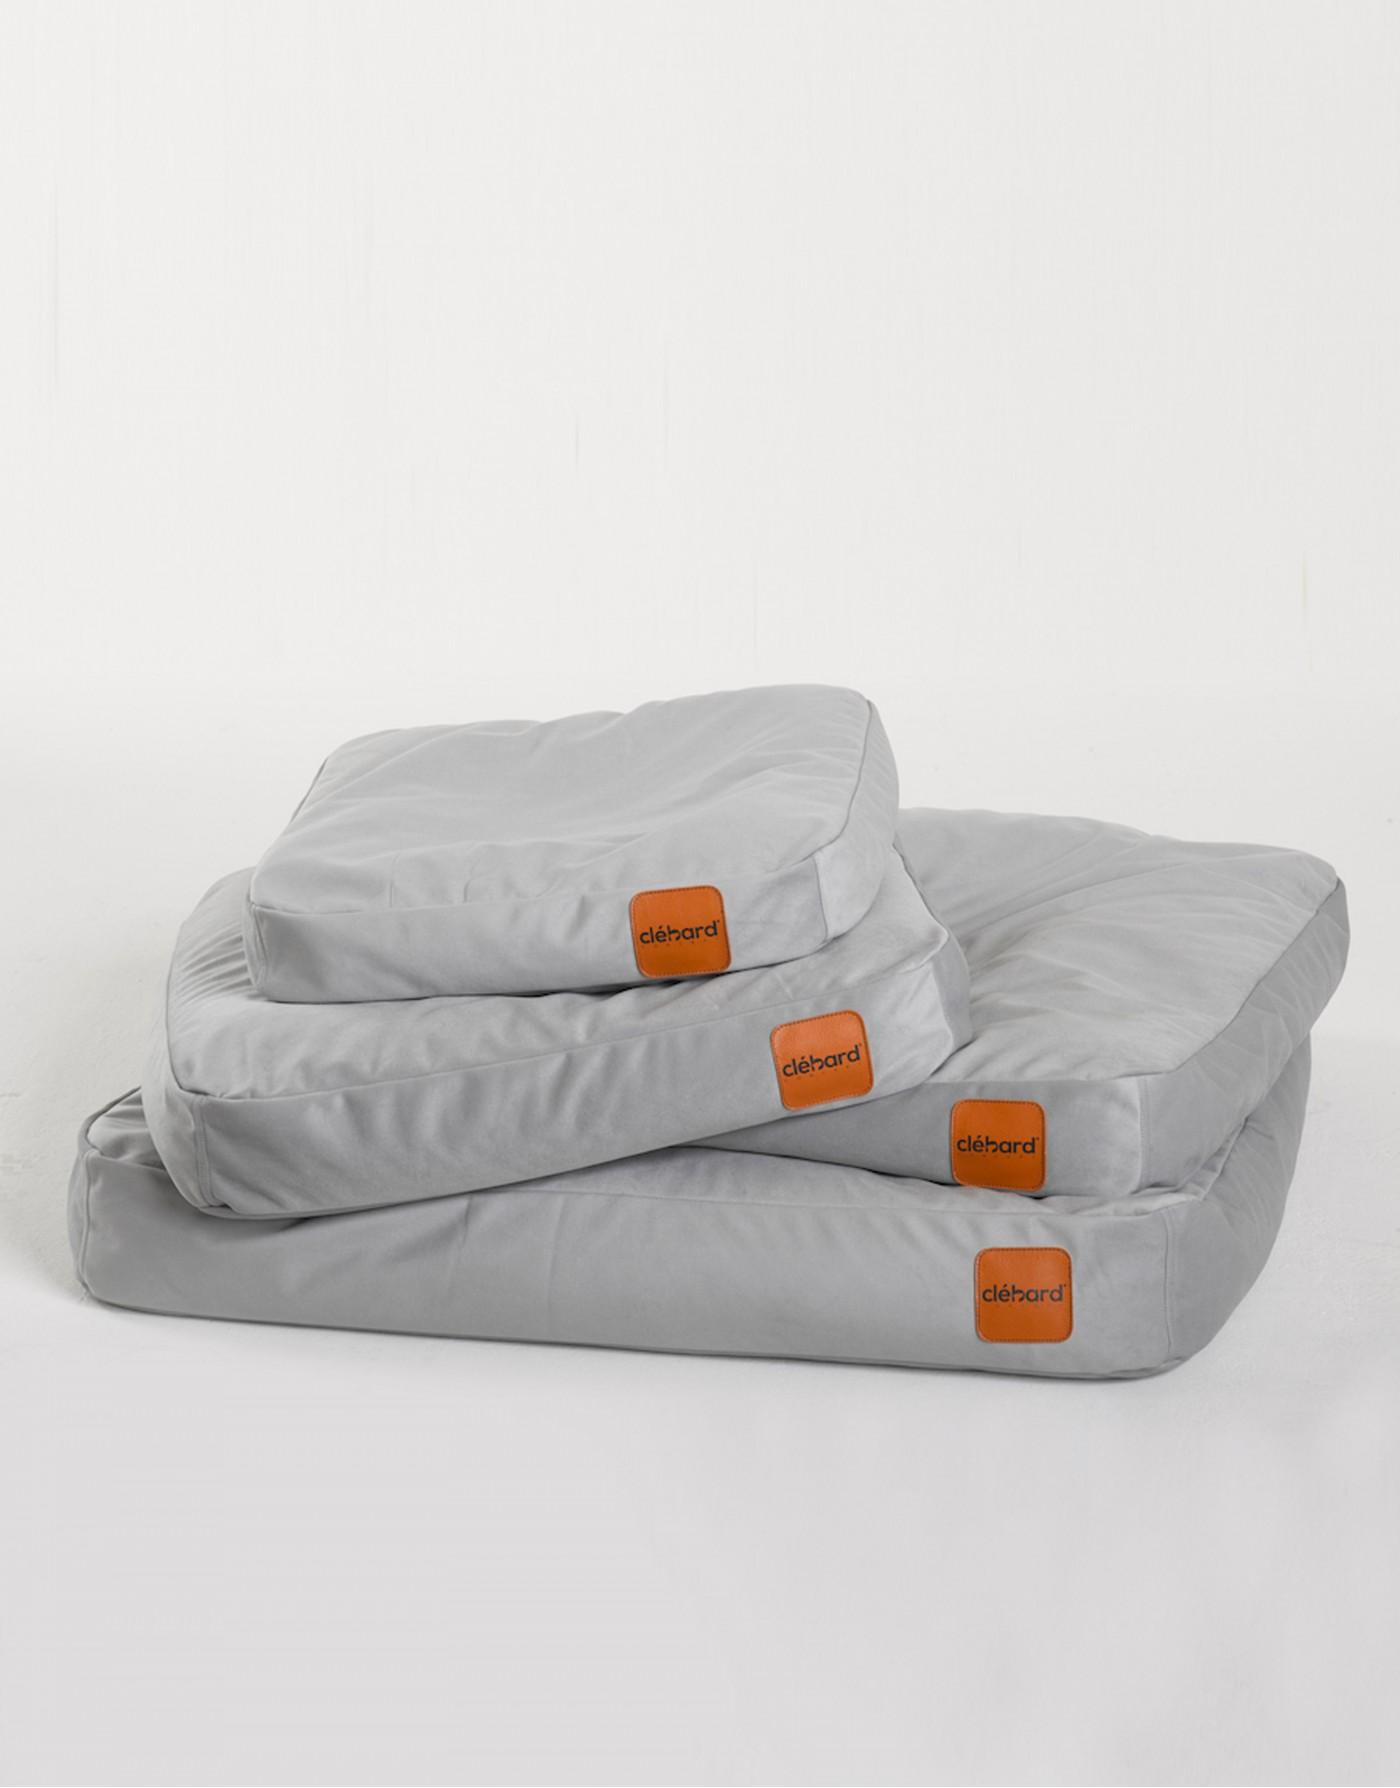 Luxury dog's cushion - Velvet